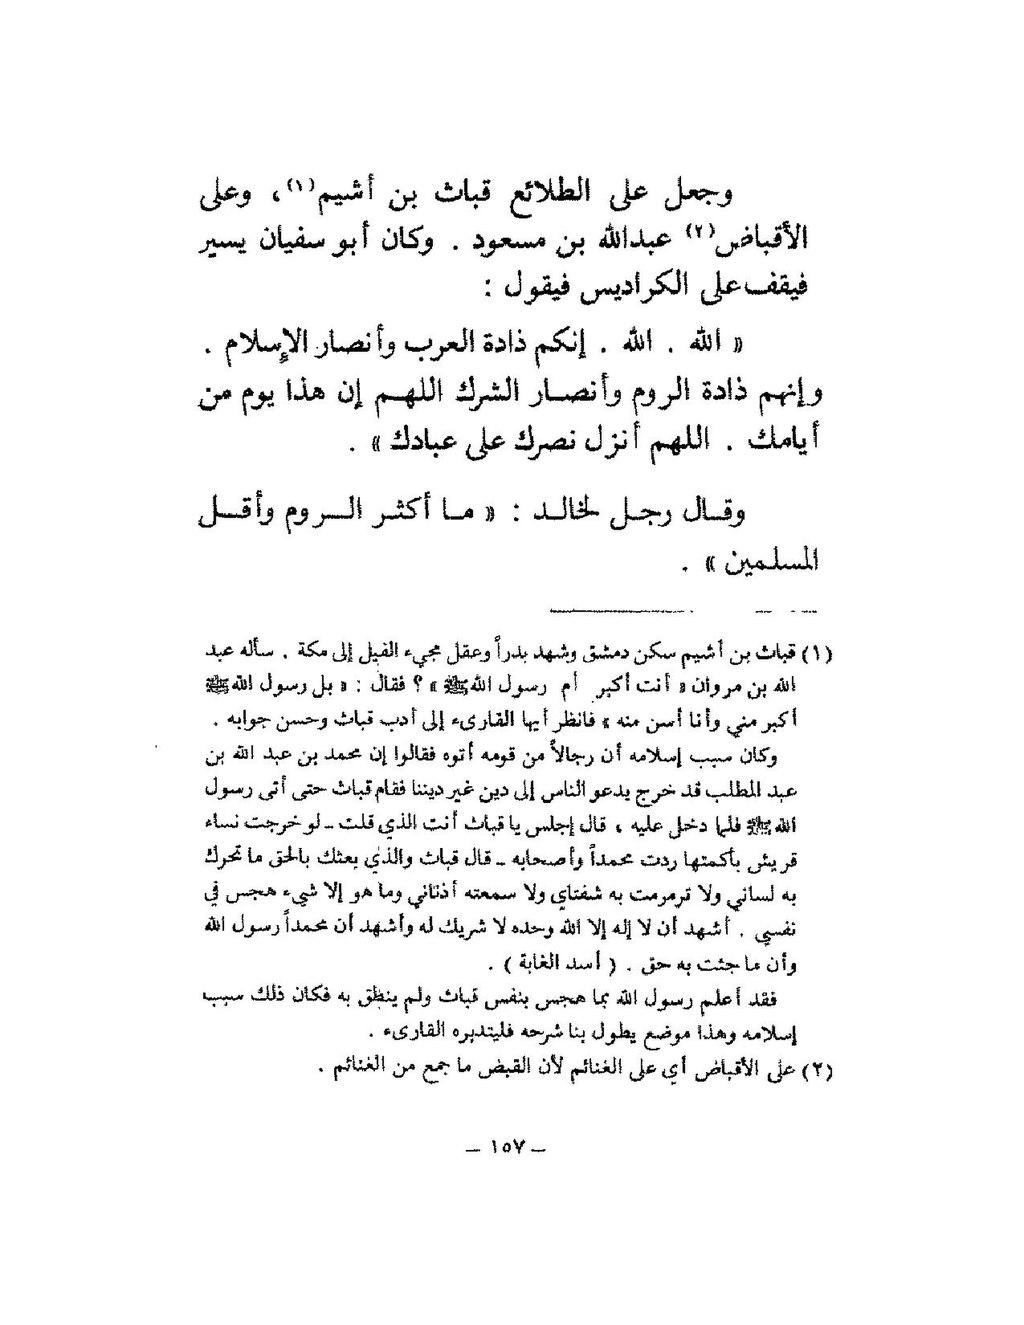 بحث تخرج عن أبو بكر الصديق pdf